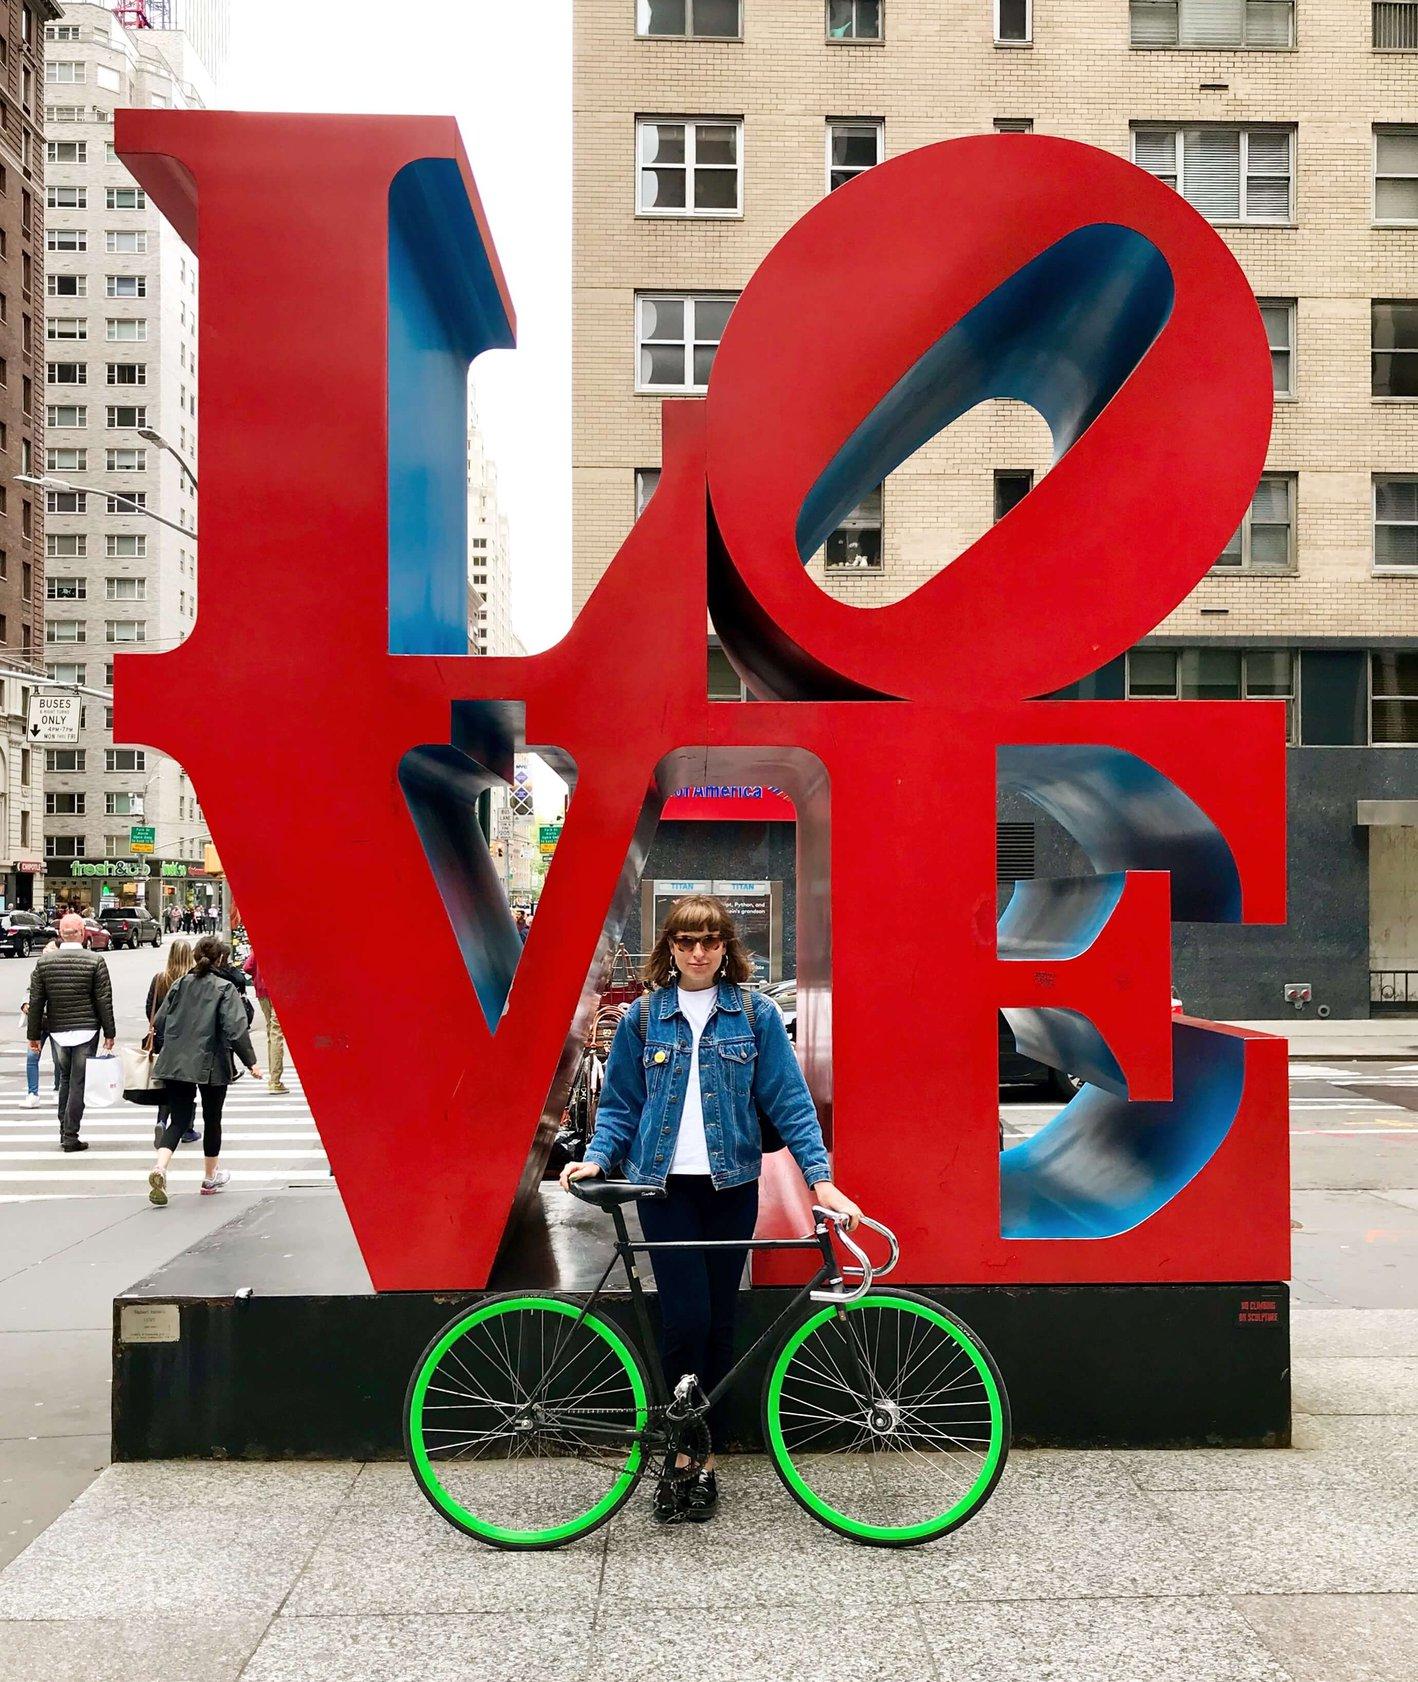 Joanna Jezierska i jej rower ostre koło na ulicy w Nowym Jorku (fot.archiwum prywatne Joanny Jezierskiej)